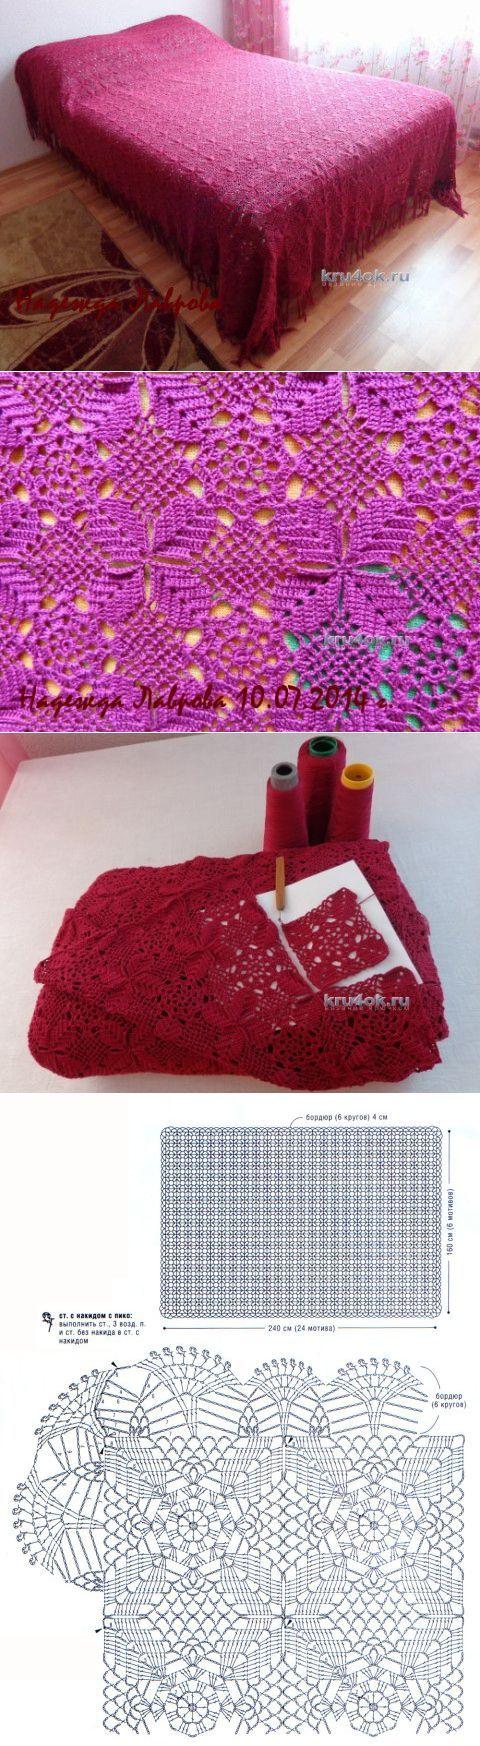 Покрывало крючком с описанием и схемой вязания - вязание крючком на kru4ok.ru